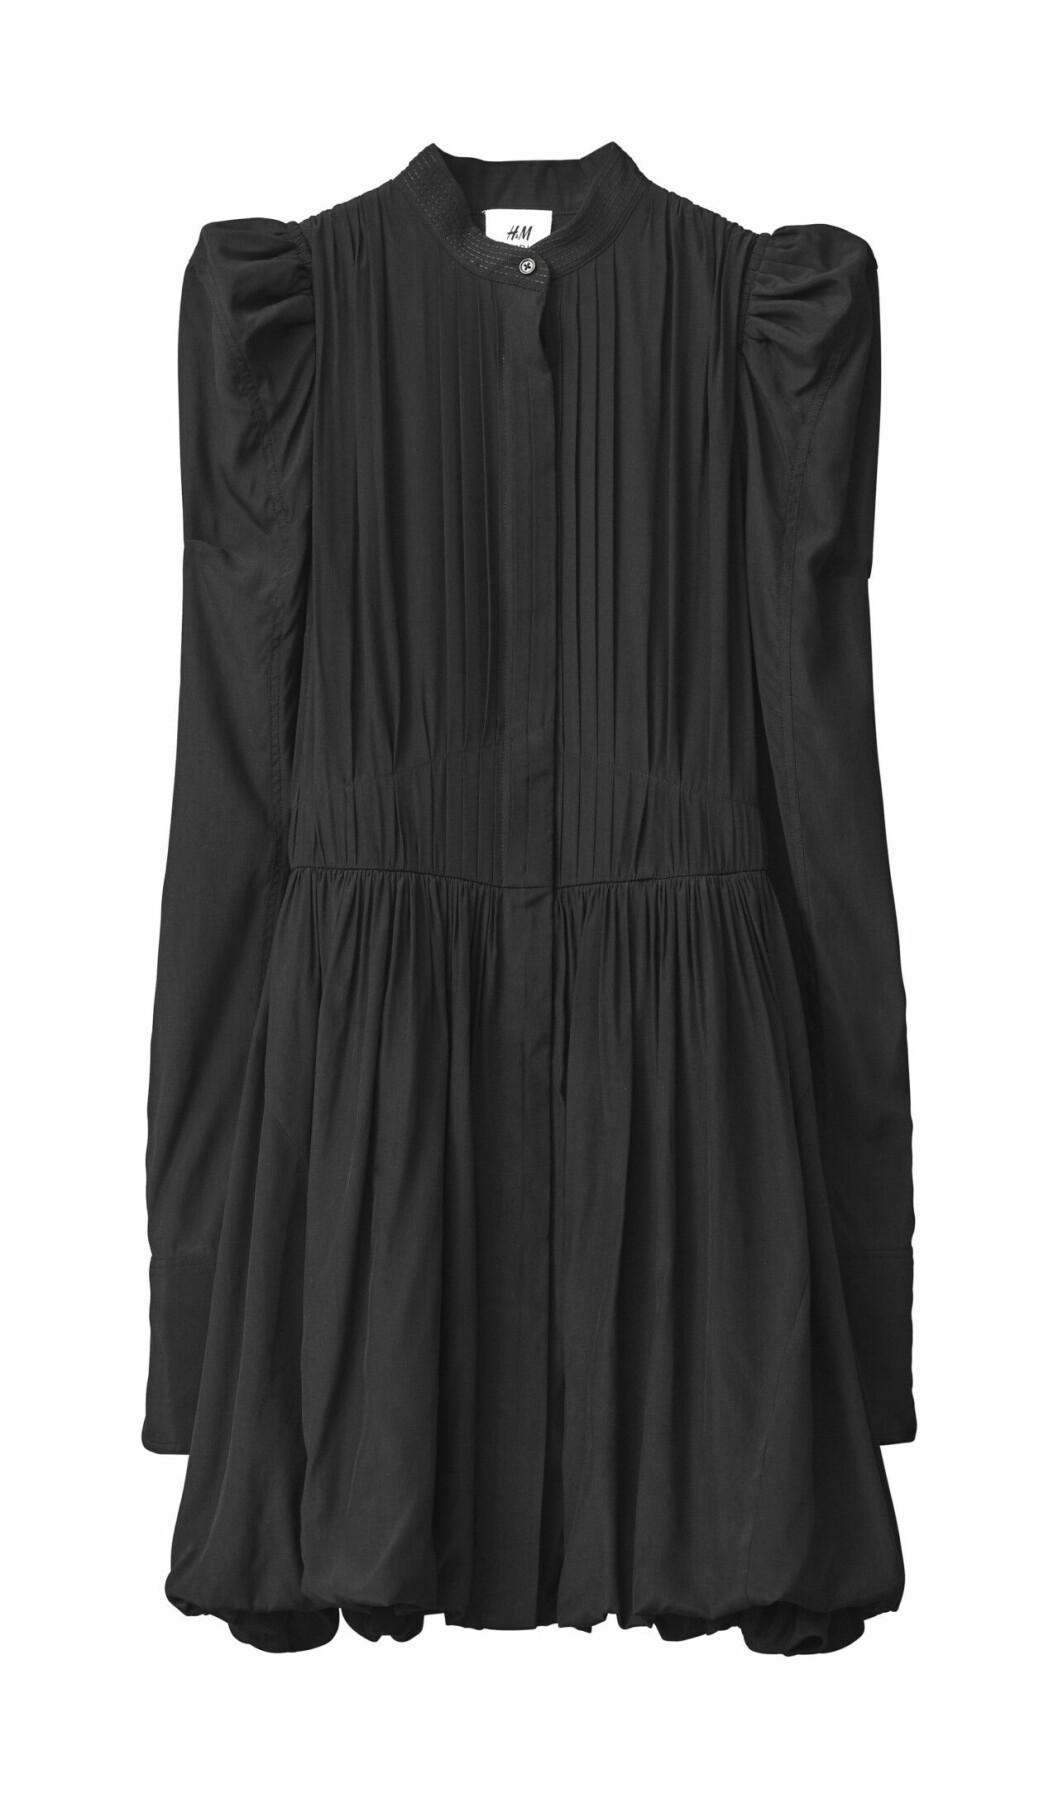 H&M Studio höstkollektion aw 2019 – svart klänning